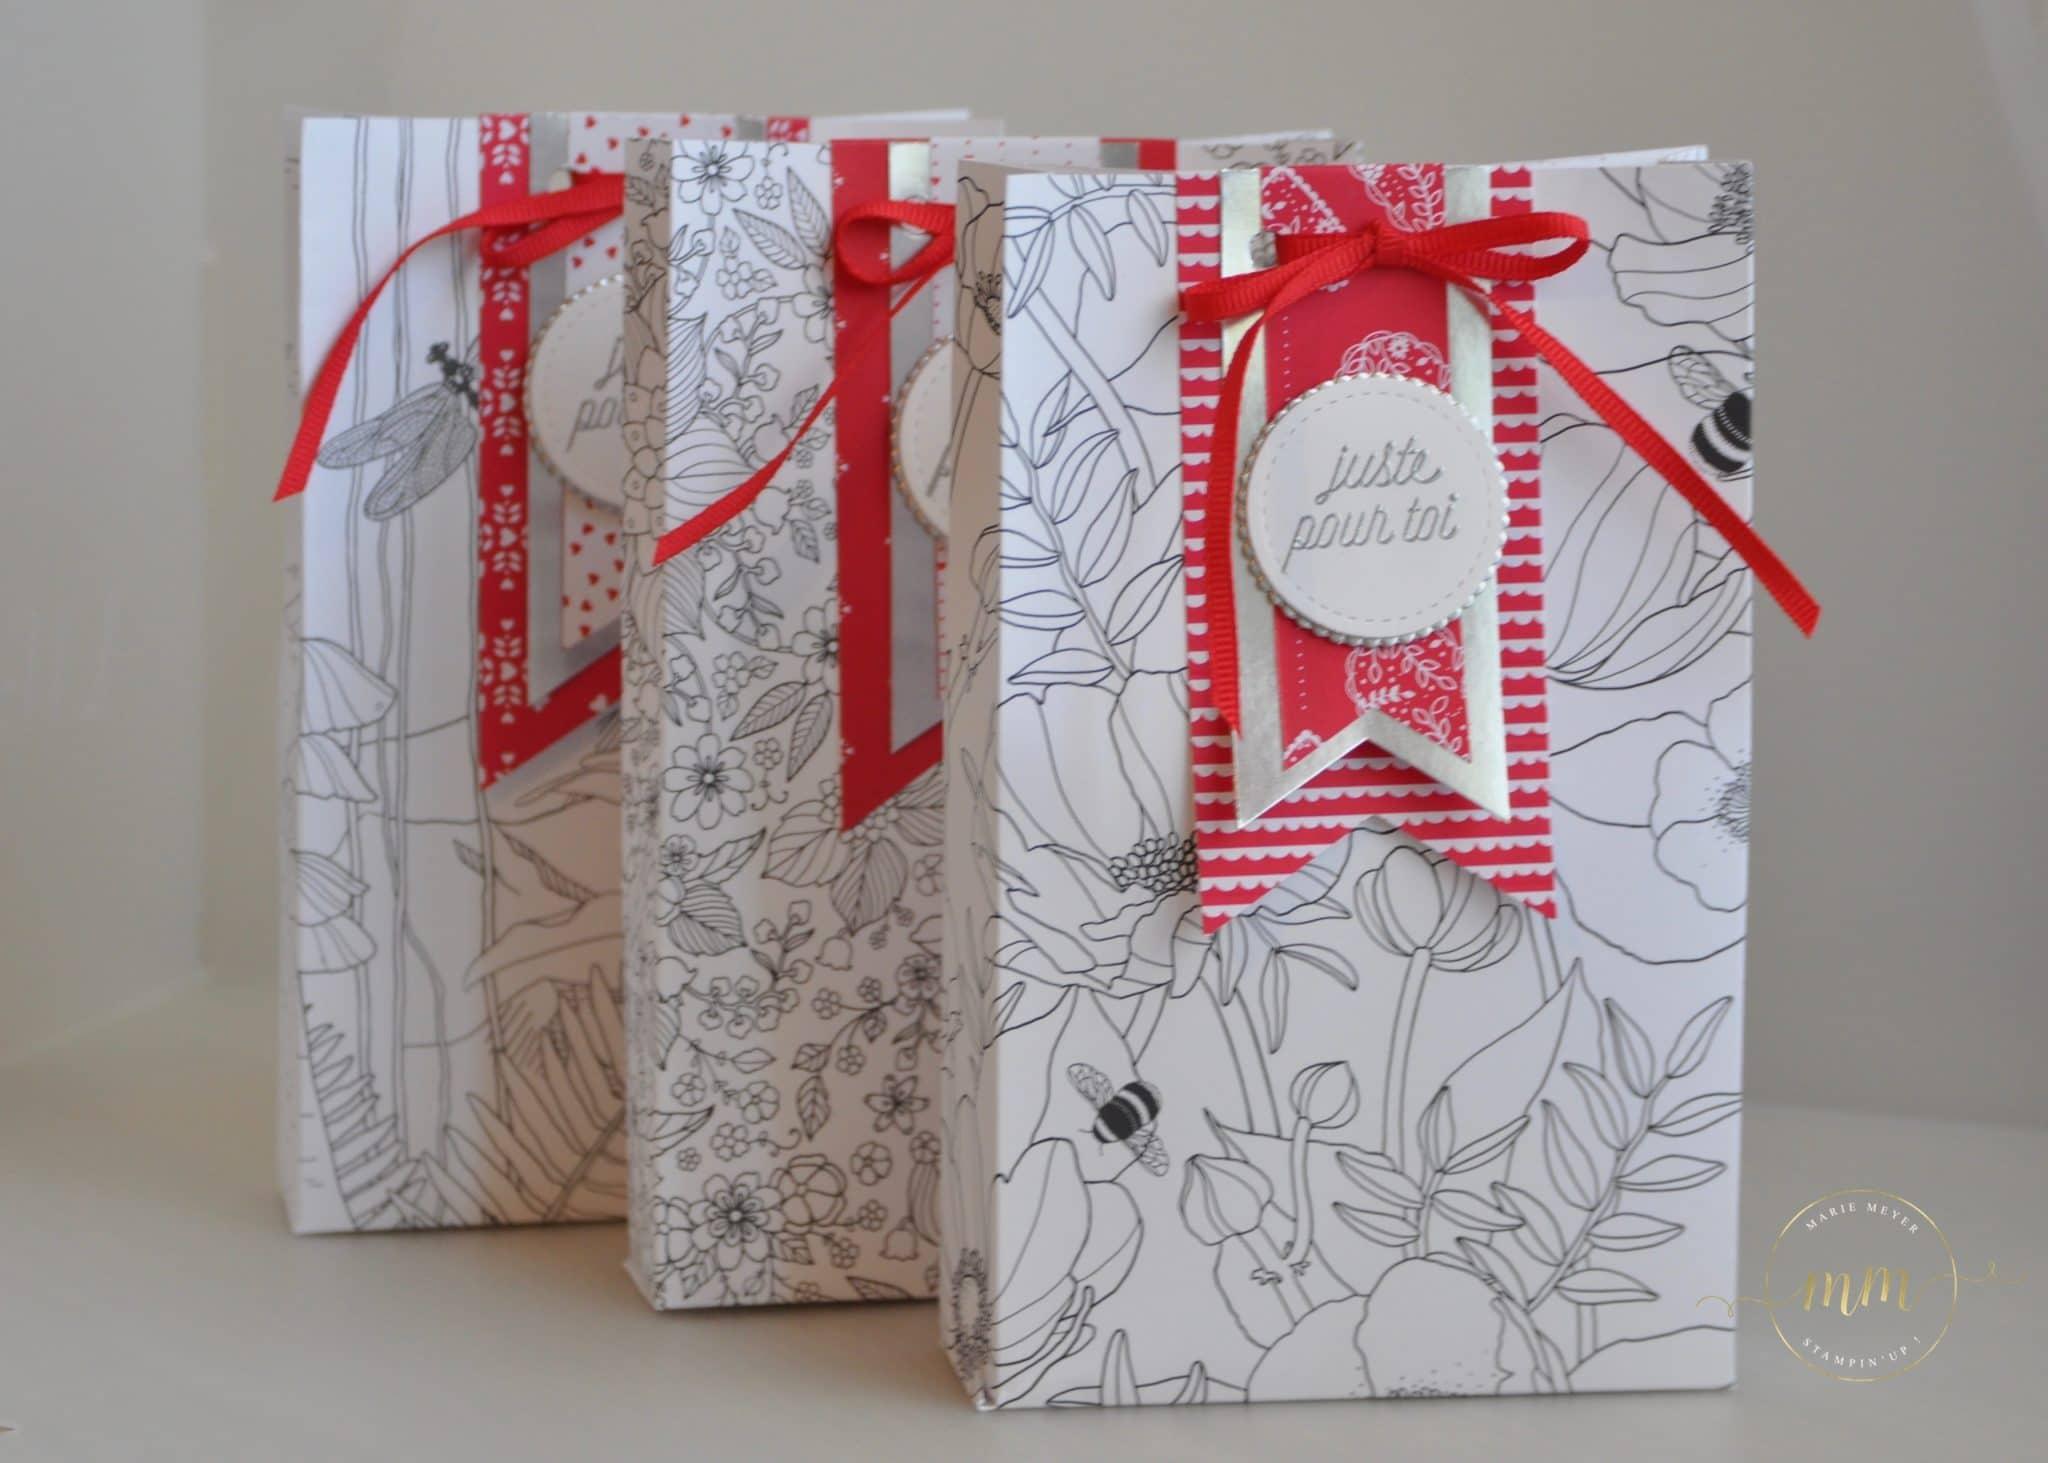 Boites cadeaux Papier Design Coloriez-moi, planche insta pochette par Marie Meyer par Marie Meyer Stampin up - http://ateliers-scrapbooking.fr/ - Inside The Lines Designer Series Paper _ Designerpapier Kreativ Koloriert